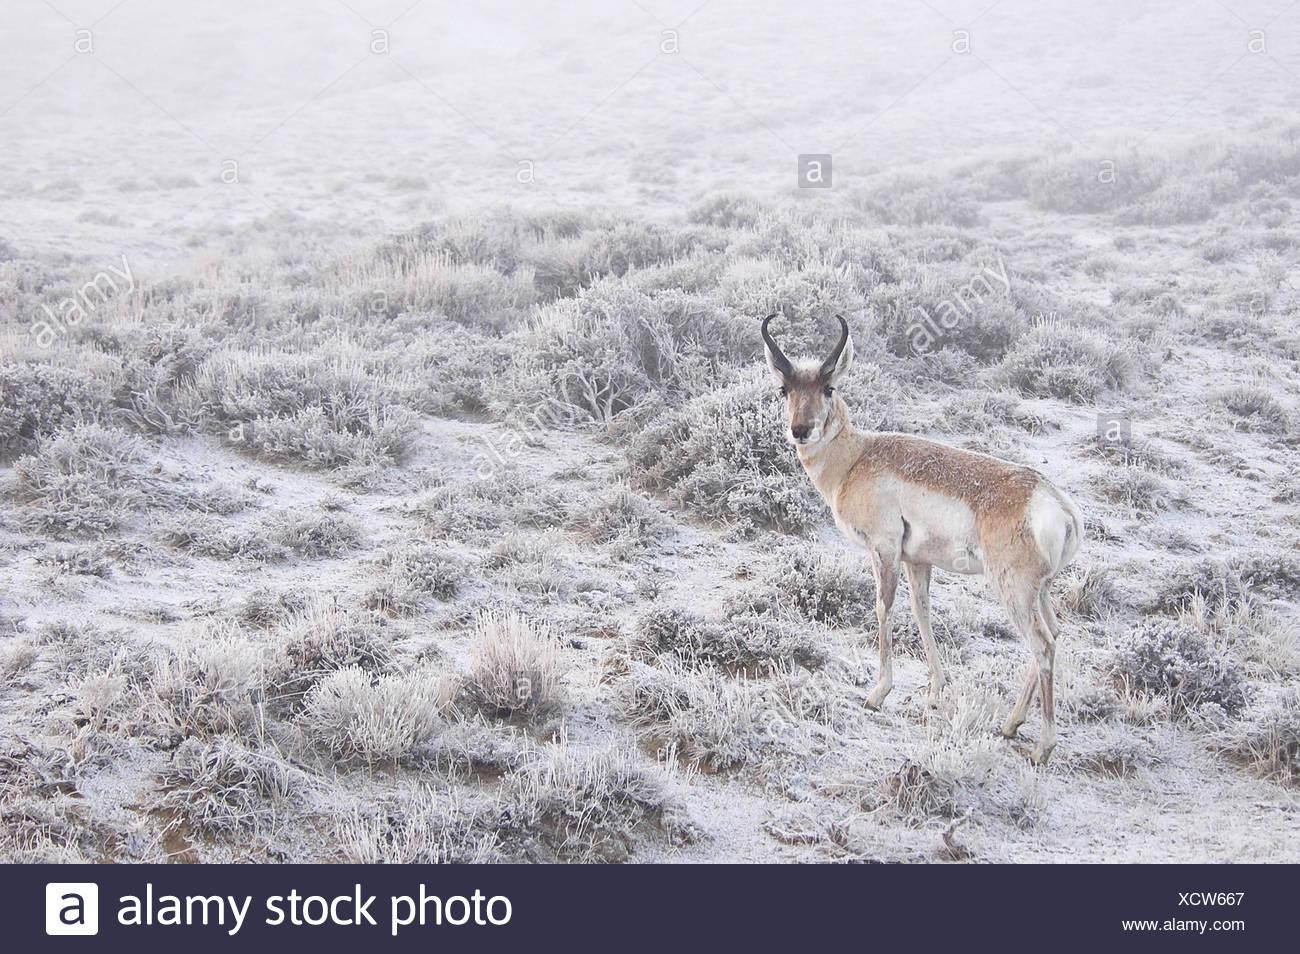 Deer standing in snow - Stock Image